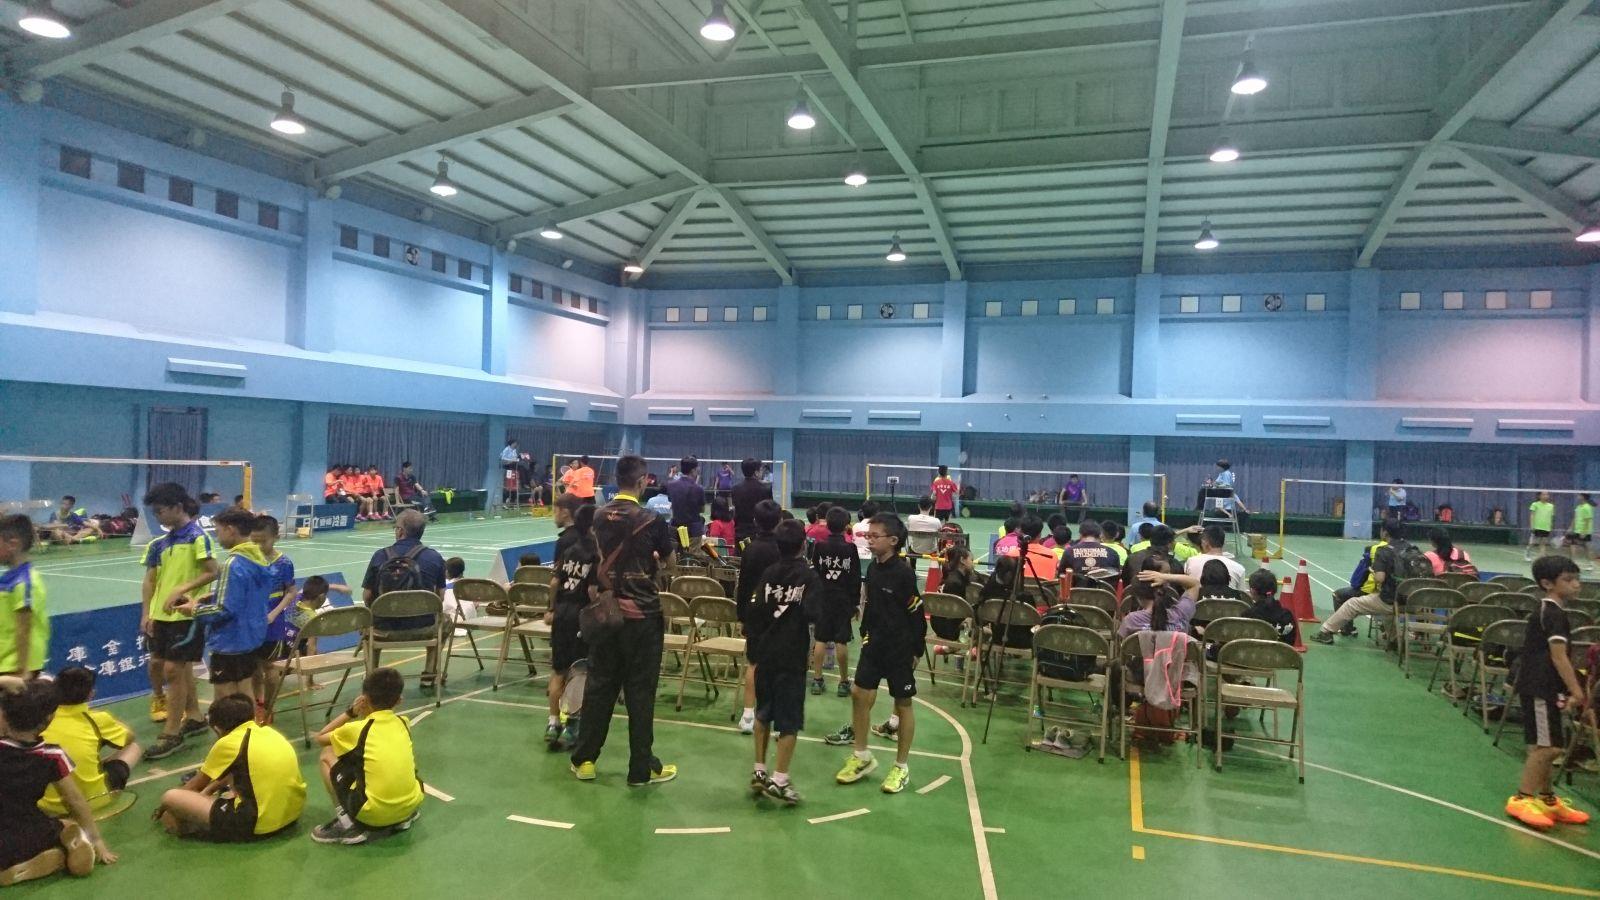 105年全國國小盃羽球錦標賽於雲縣西螺東南國中點燃戰火/黃秀仁攝